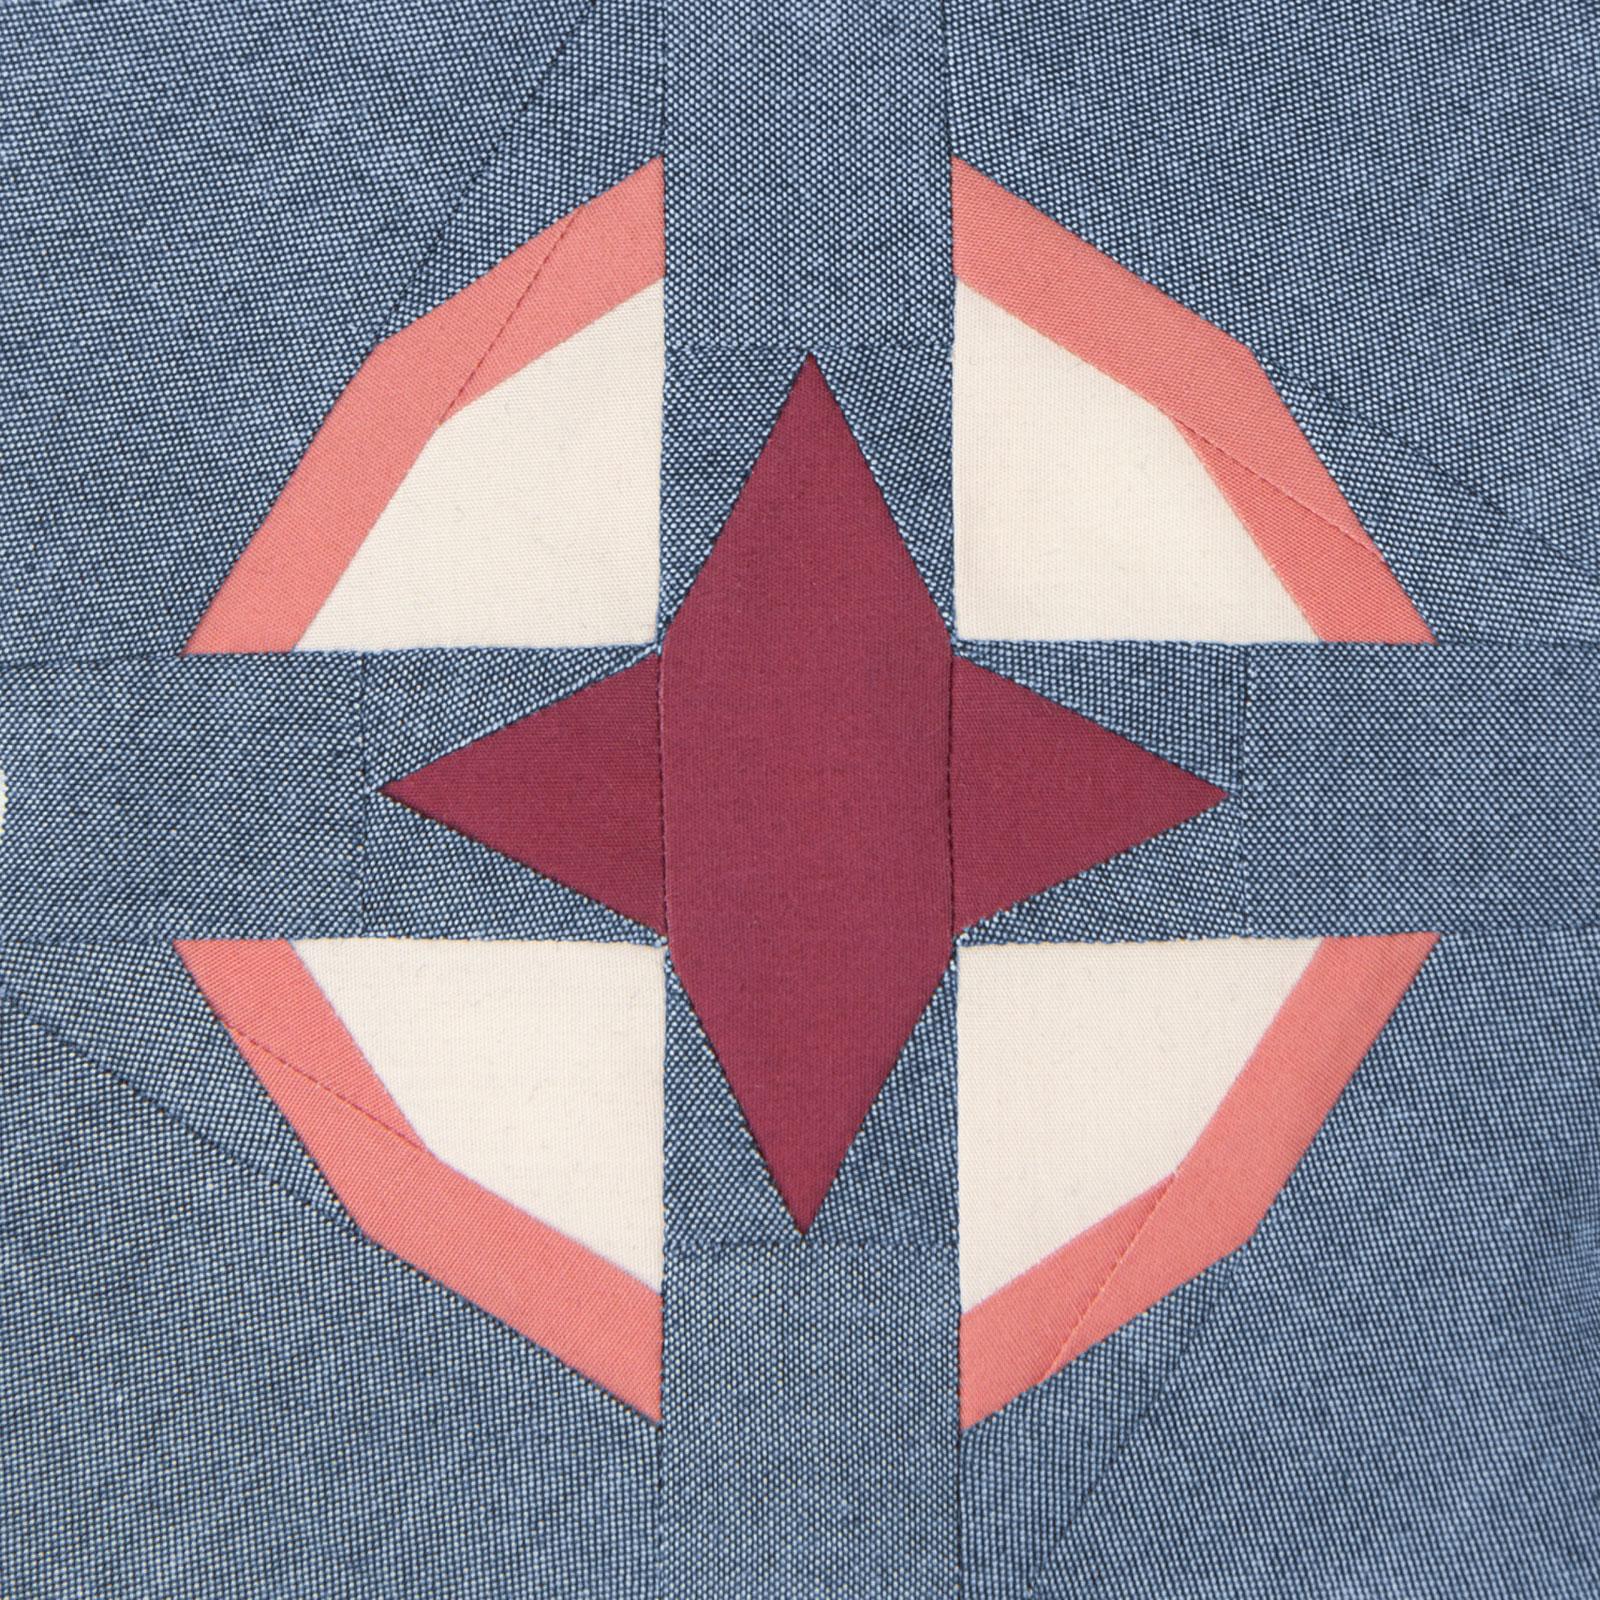 Lodestars quilt block #10: Grace